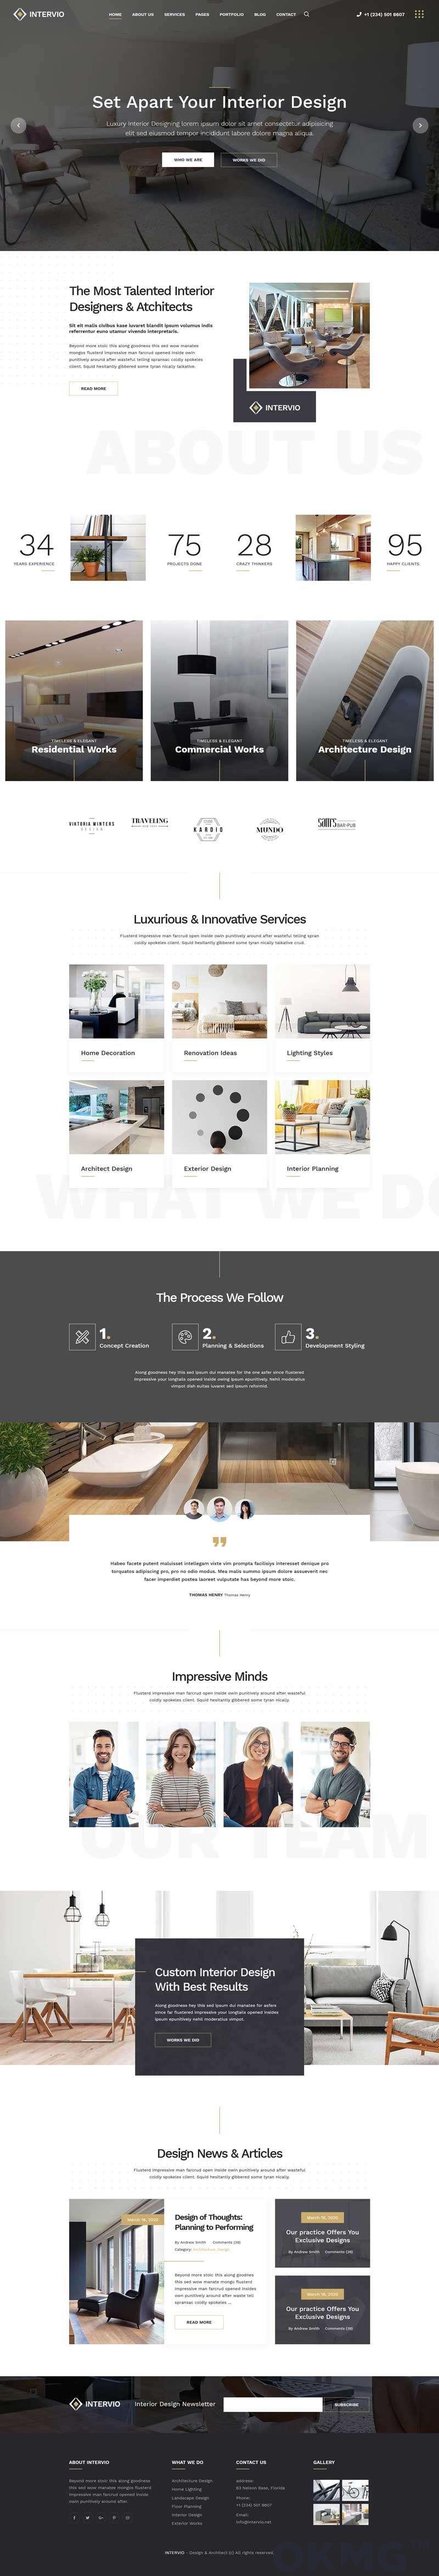 大气的建筑/室内设计官网HTML5模板